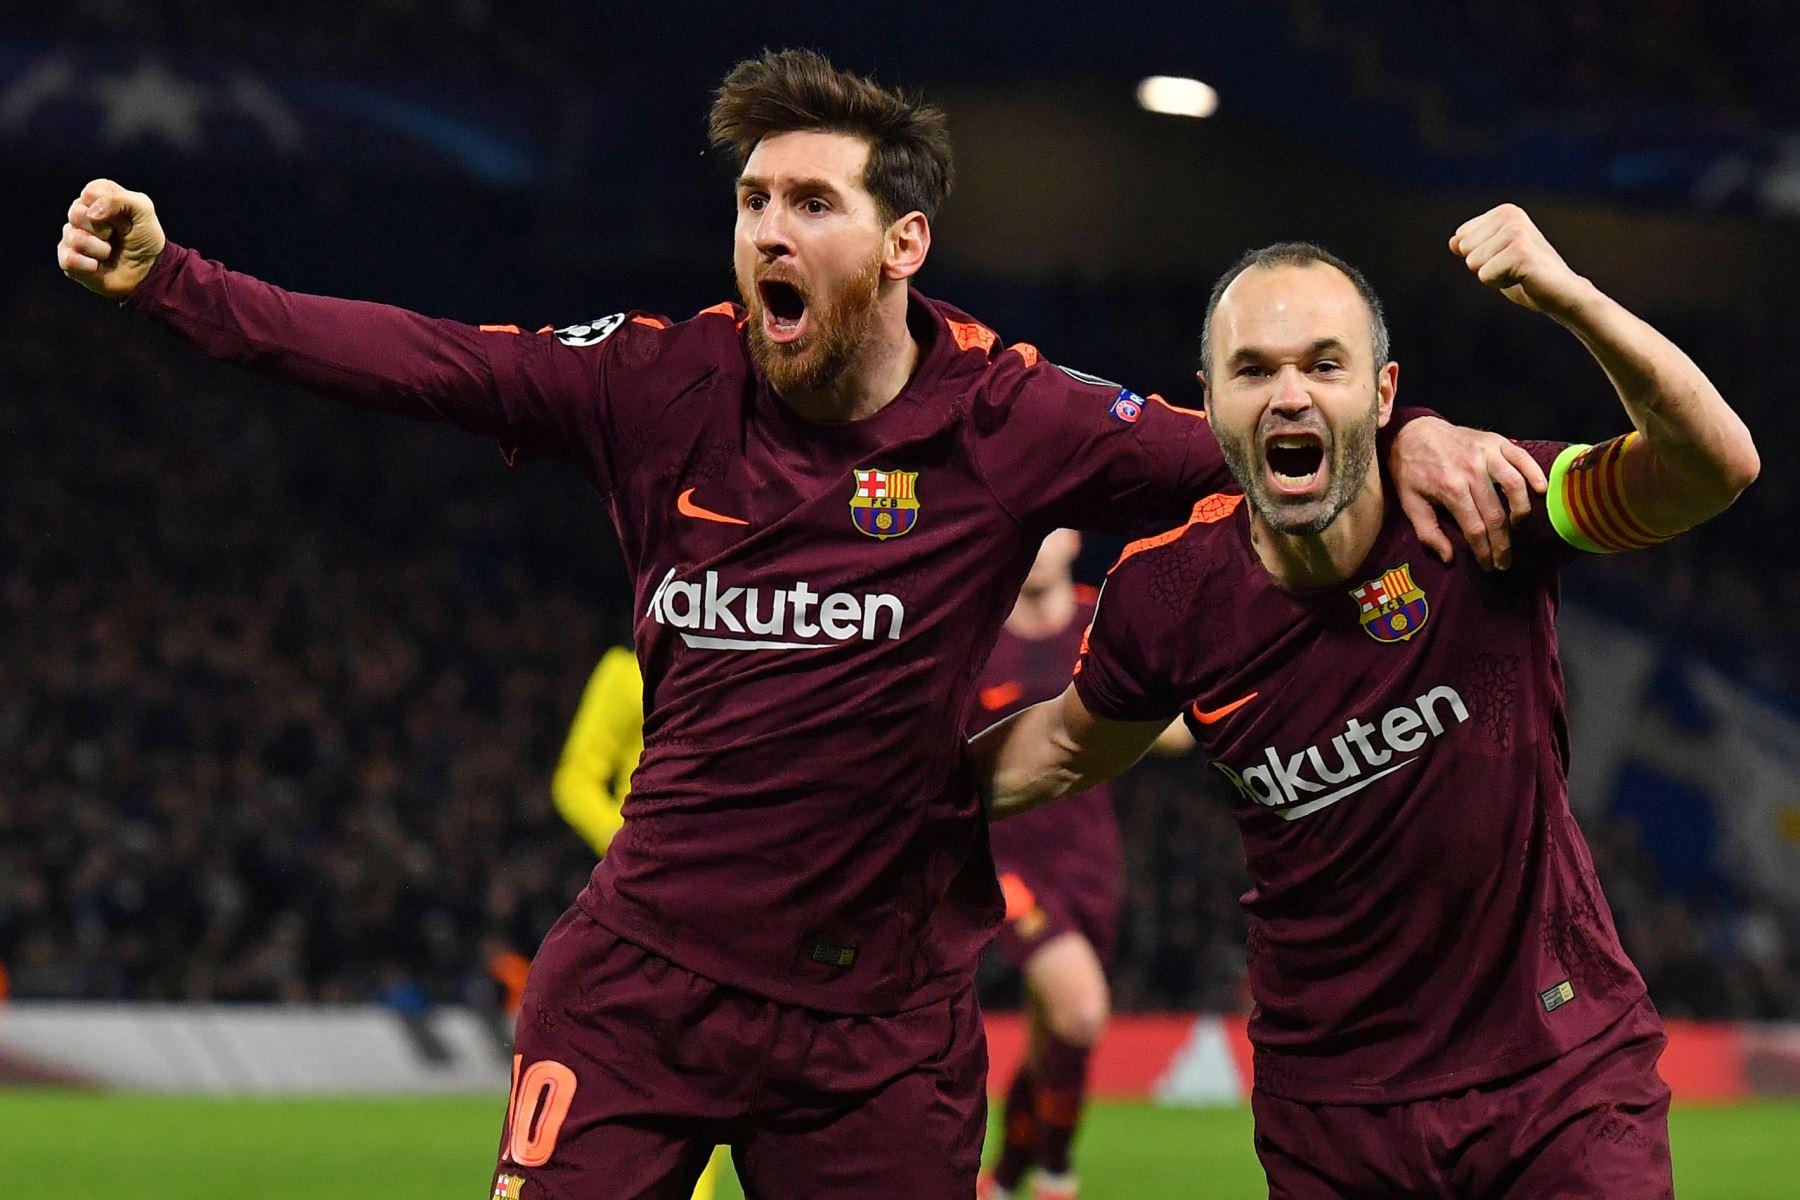 El delantero argentino Lionel Messi celebra con sus compañeros de equipo el gol del empate ante el Chelsea en Londres. Foto: AFP